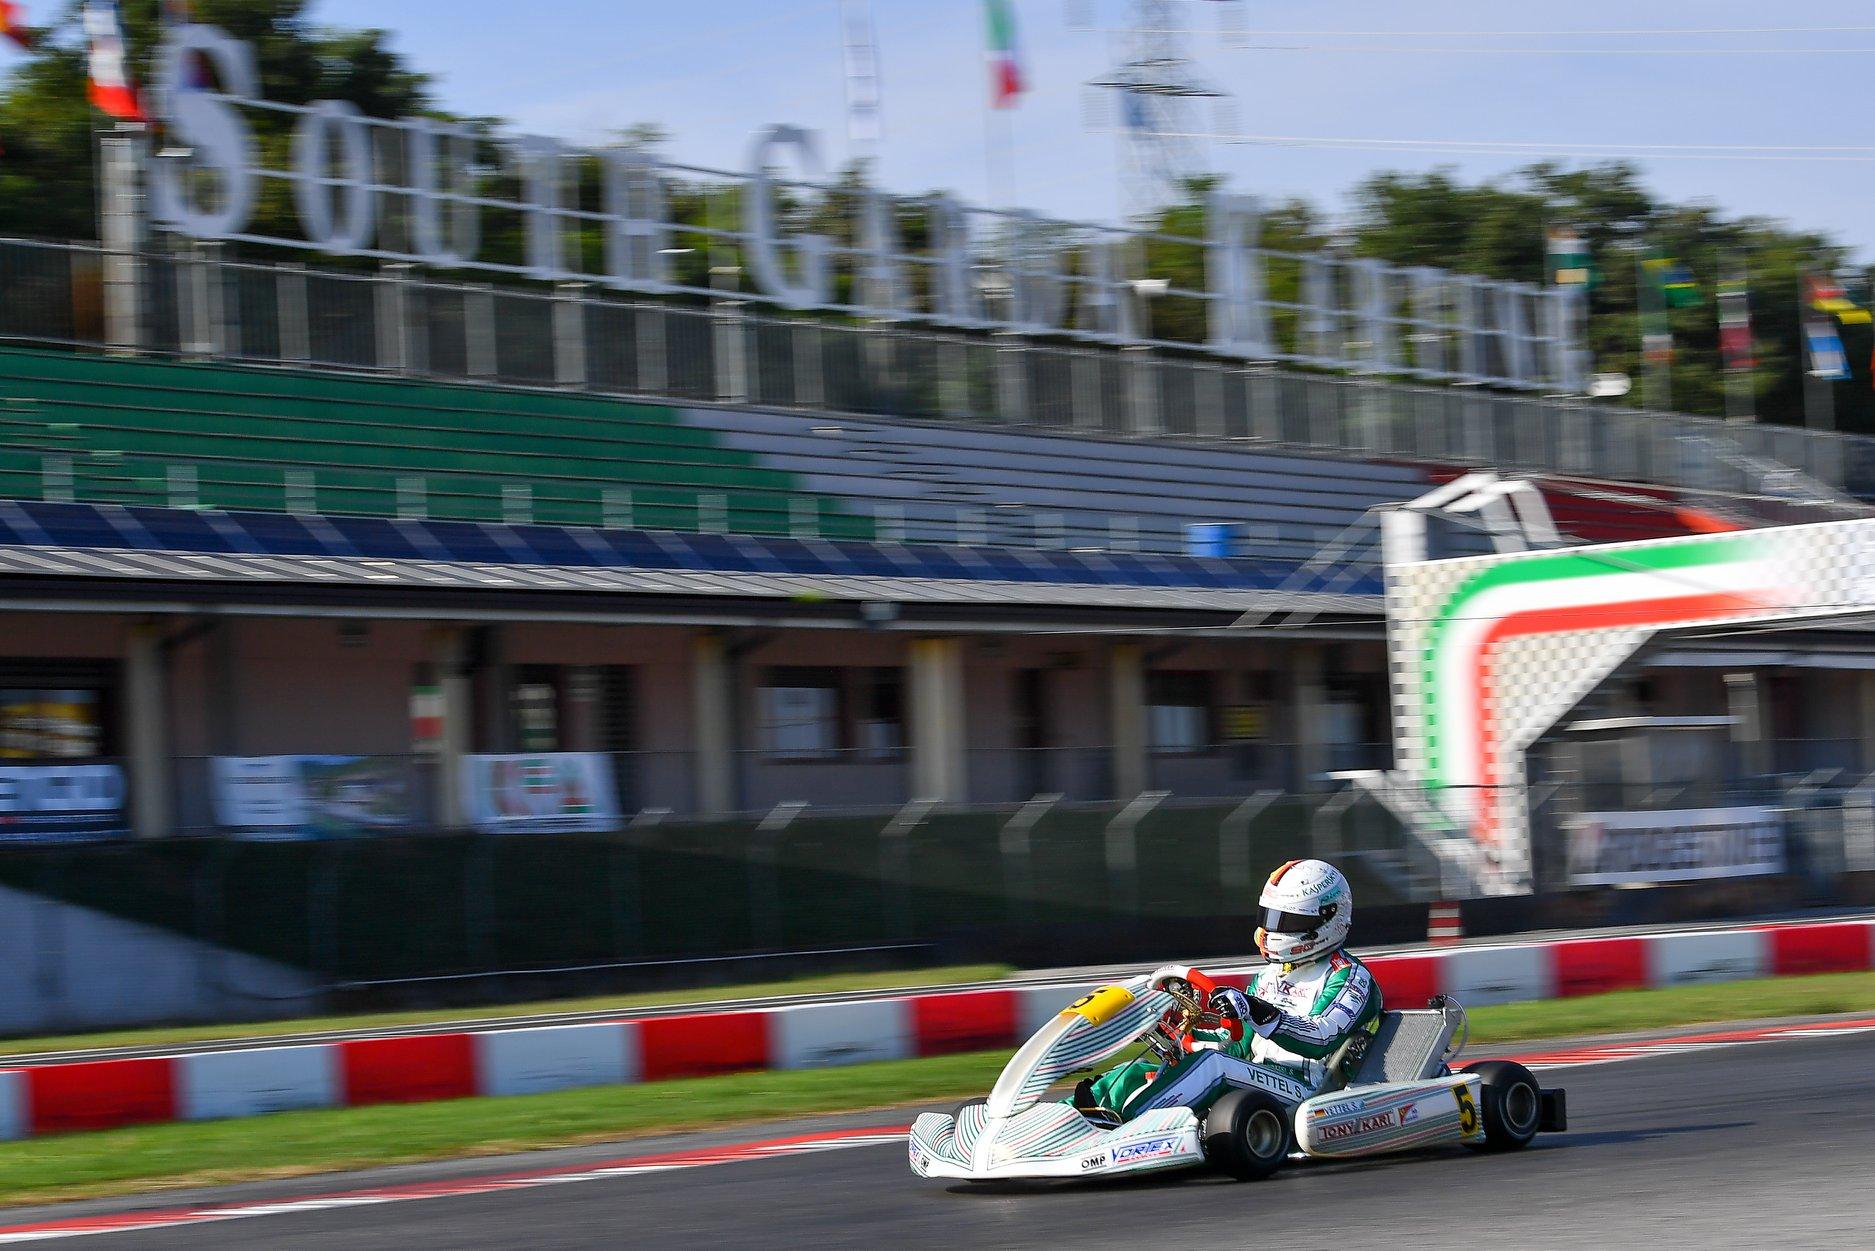 Sebastian_Vettel_testing_Tony_Kart_0013